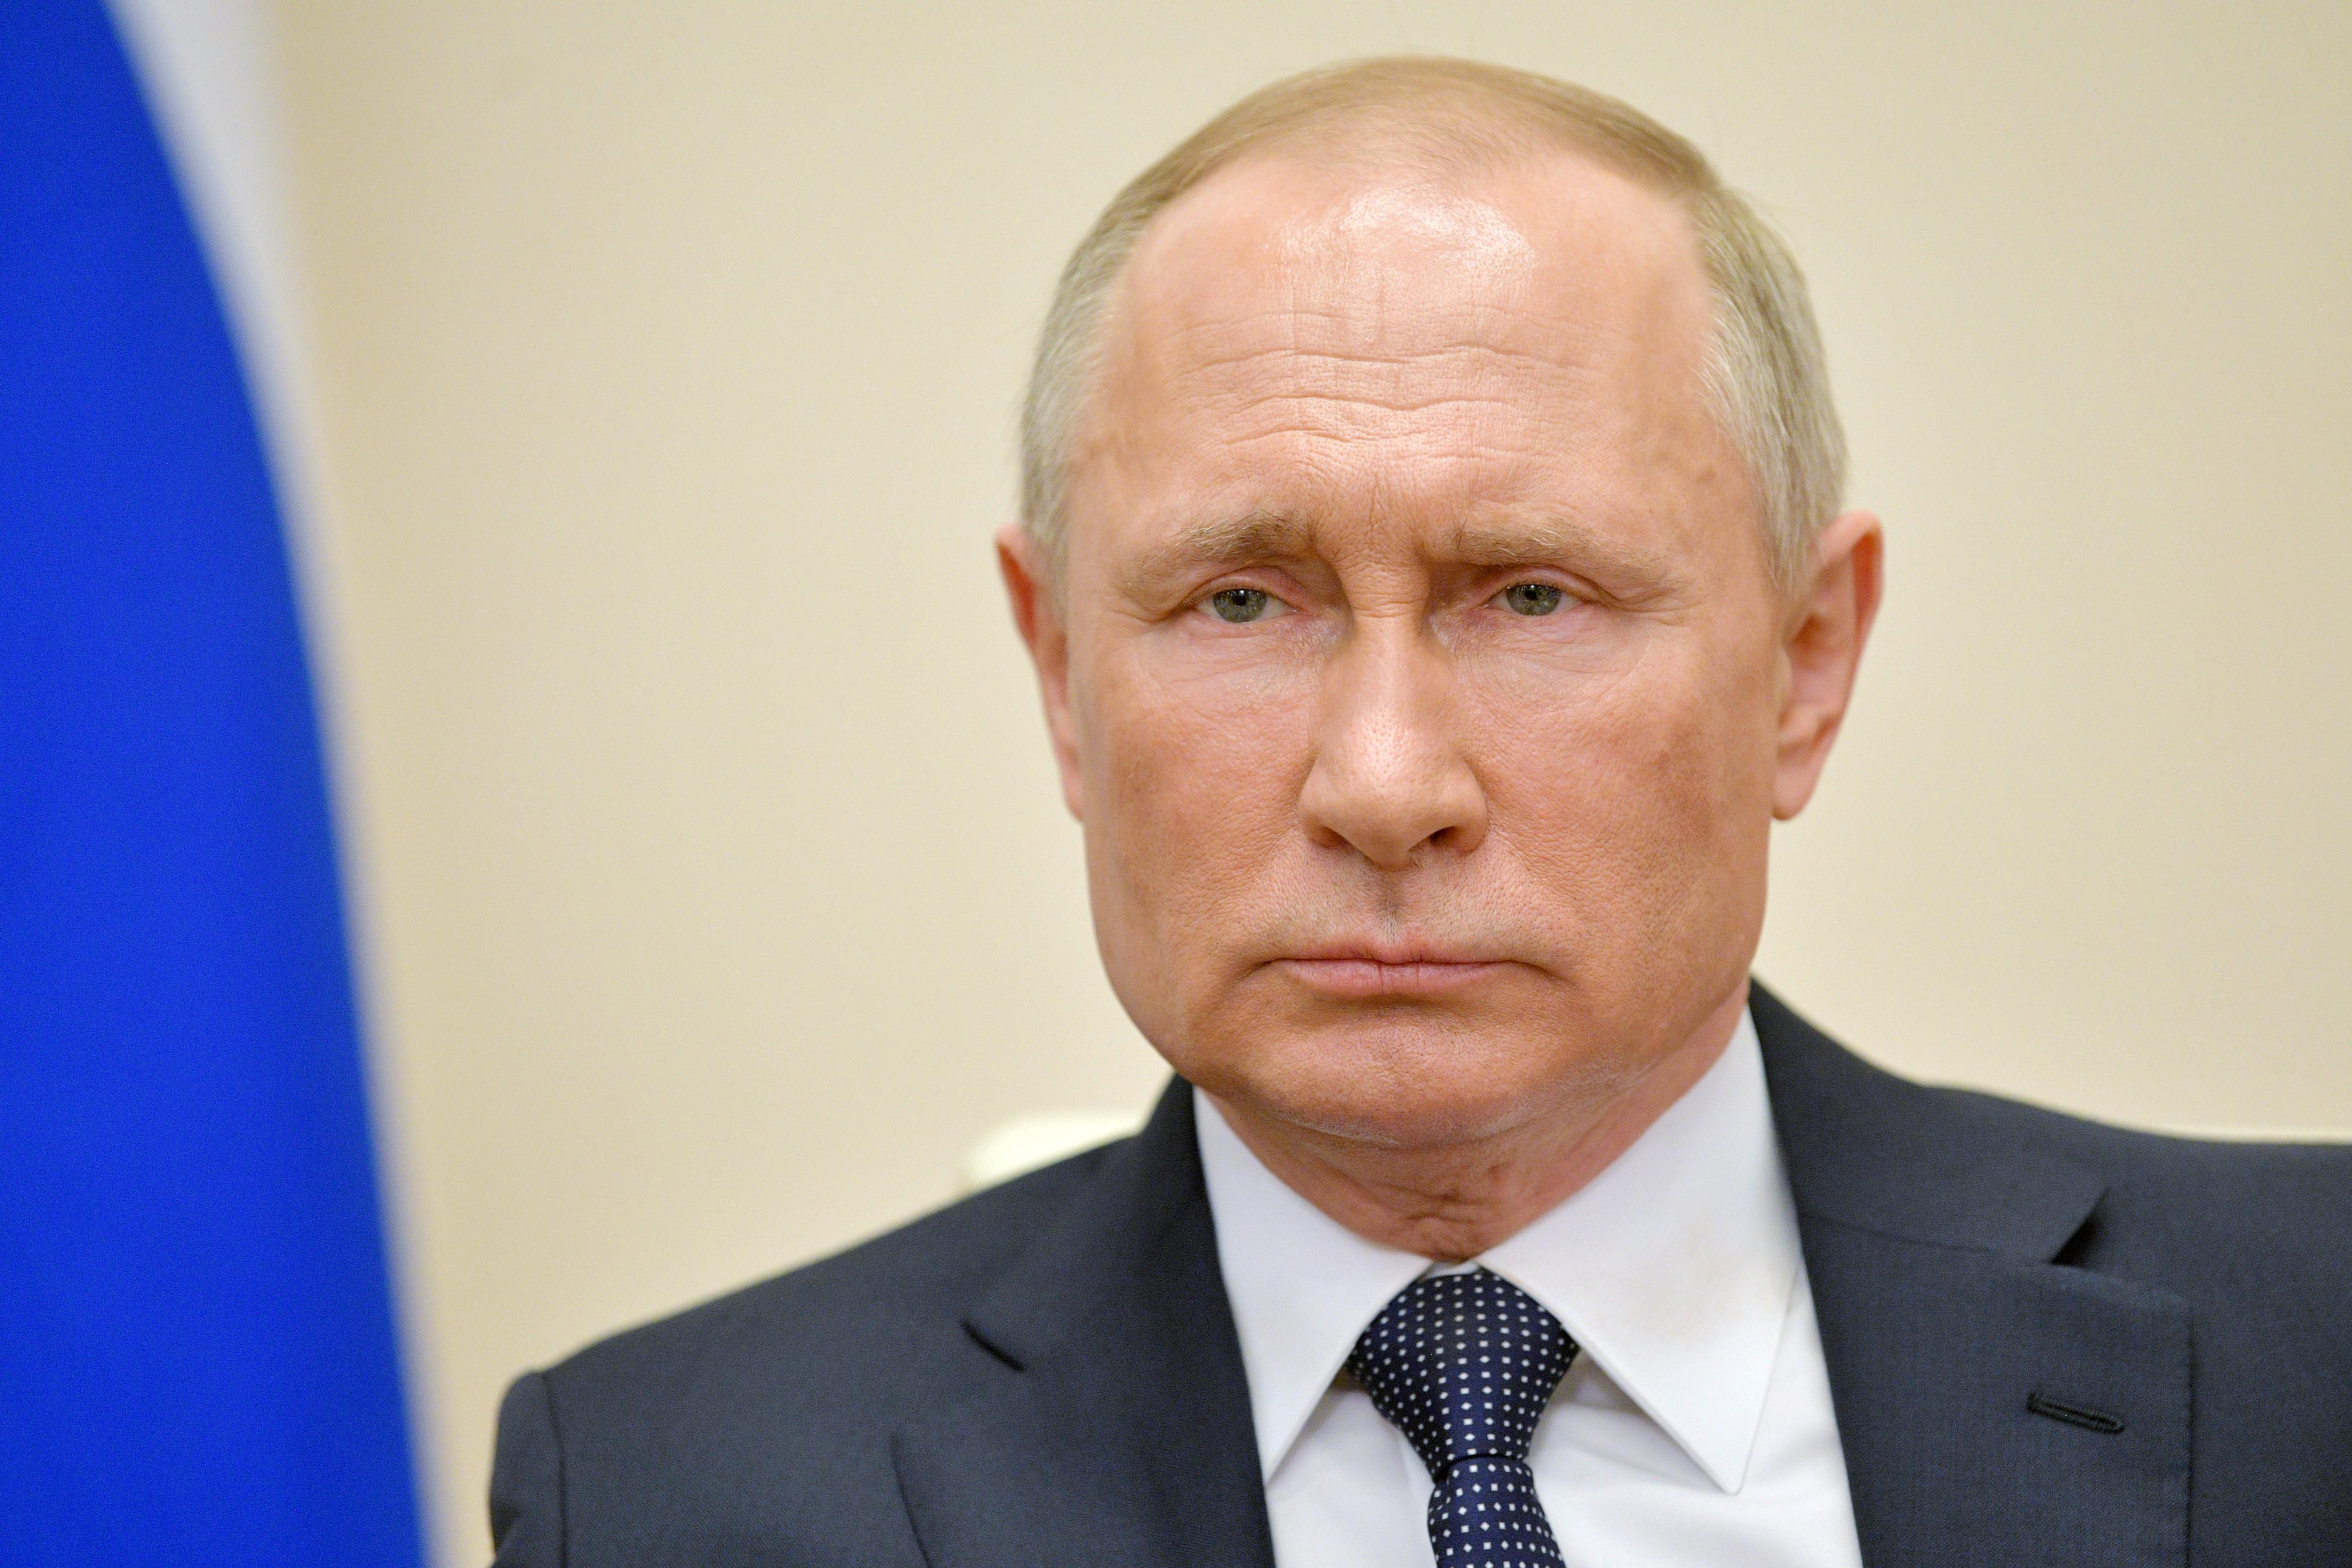 Németország az orosz dezinformáció fő célpontja az EU-n belül